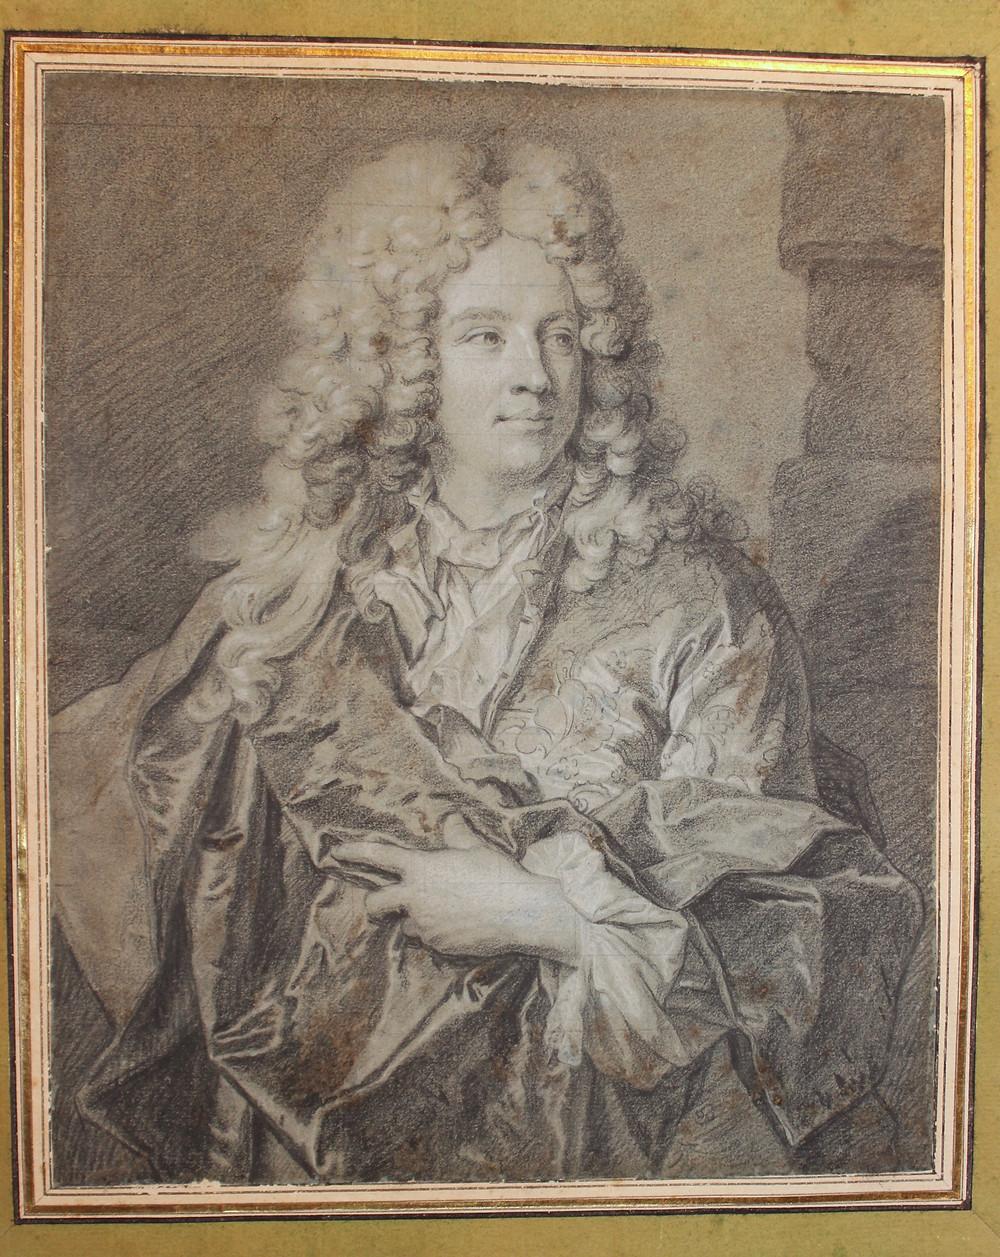 Hyacinthe Rigaud et atelier, Portrait d'un jeune homme, vers 1690-1695, collection particulière